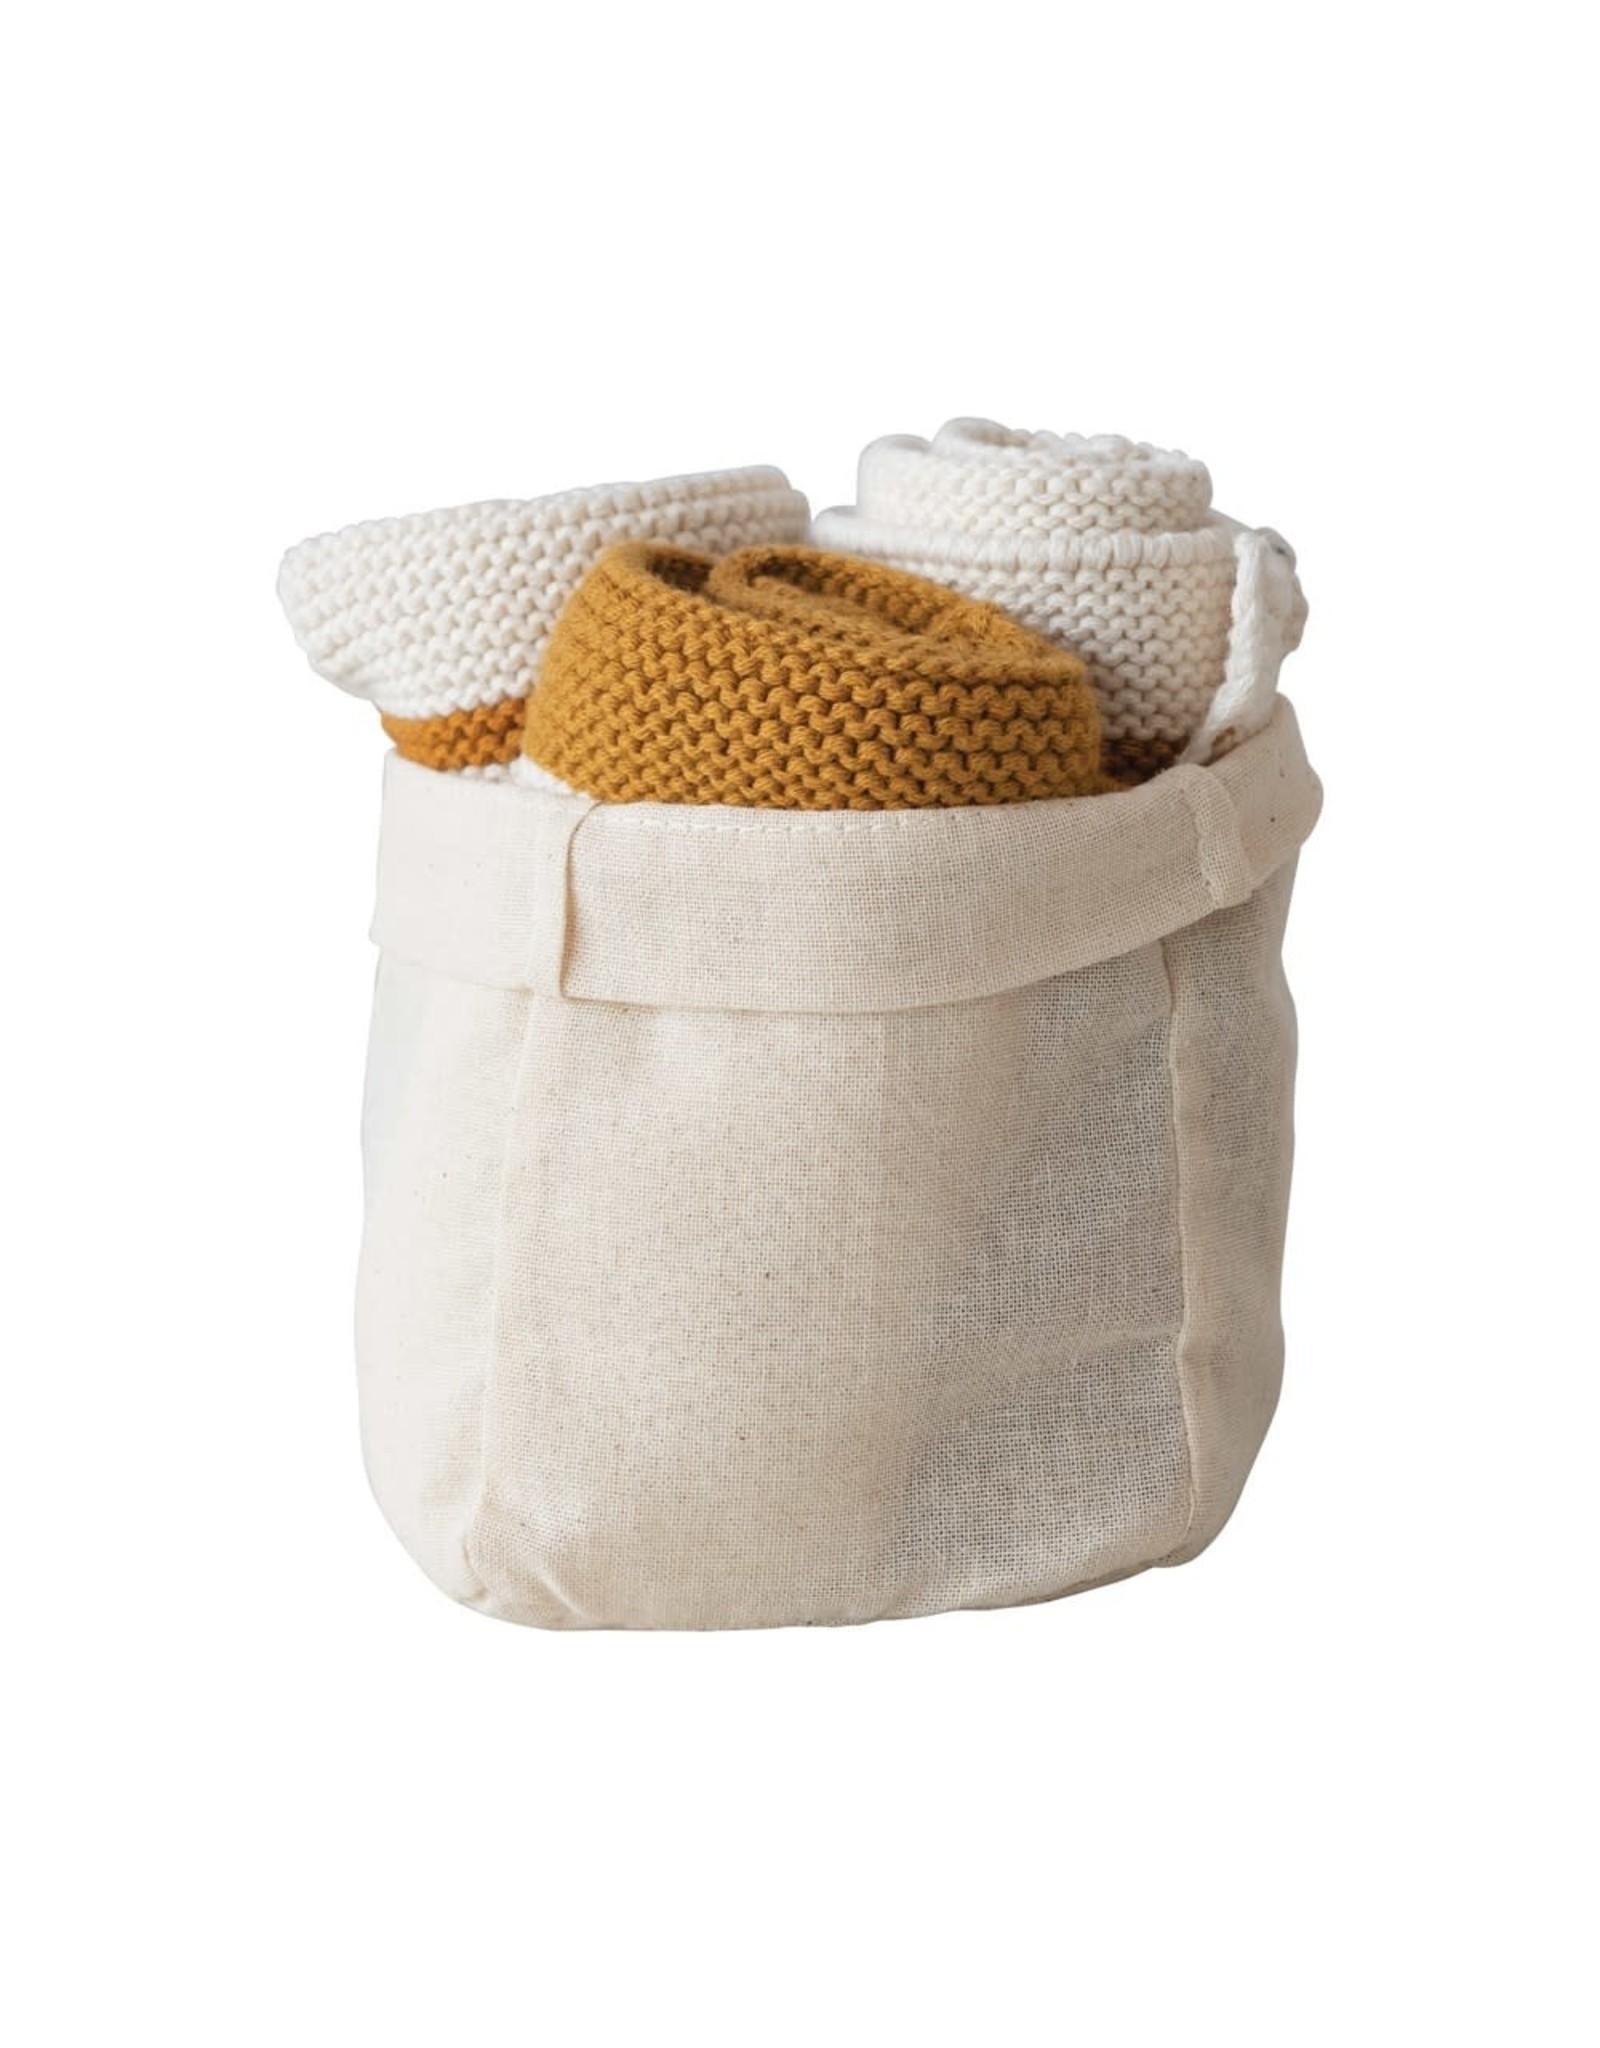 The Florist & The Merchant Cotton Knit Dish Cloths